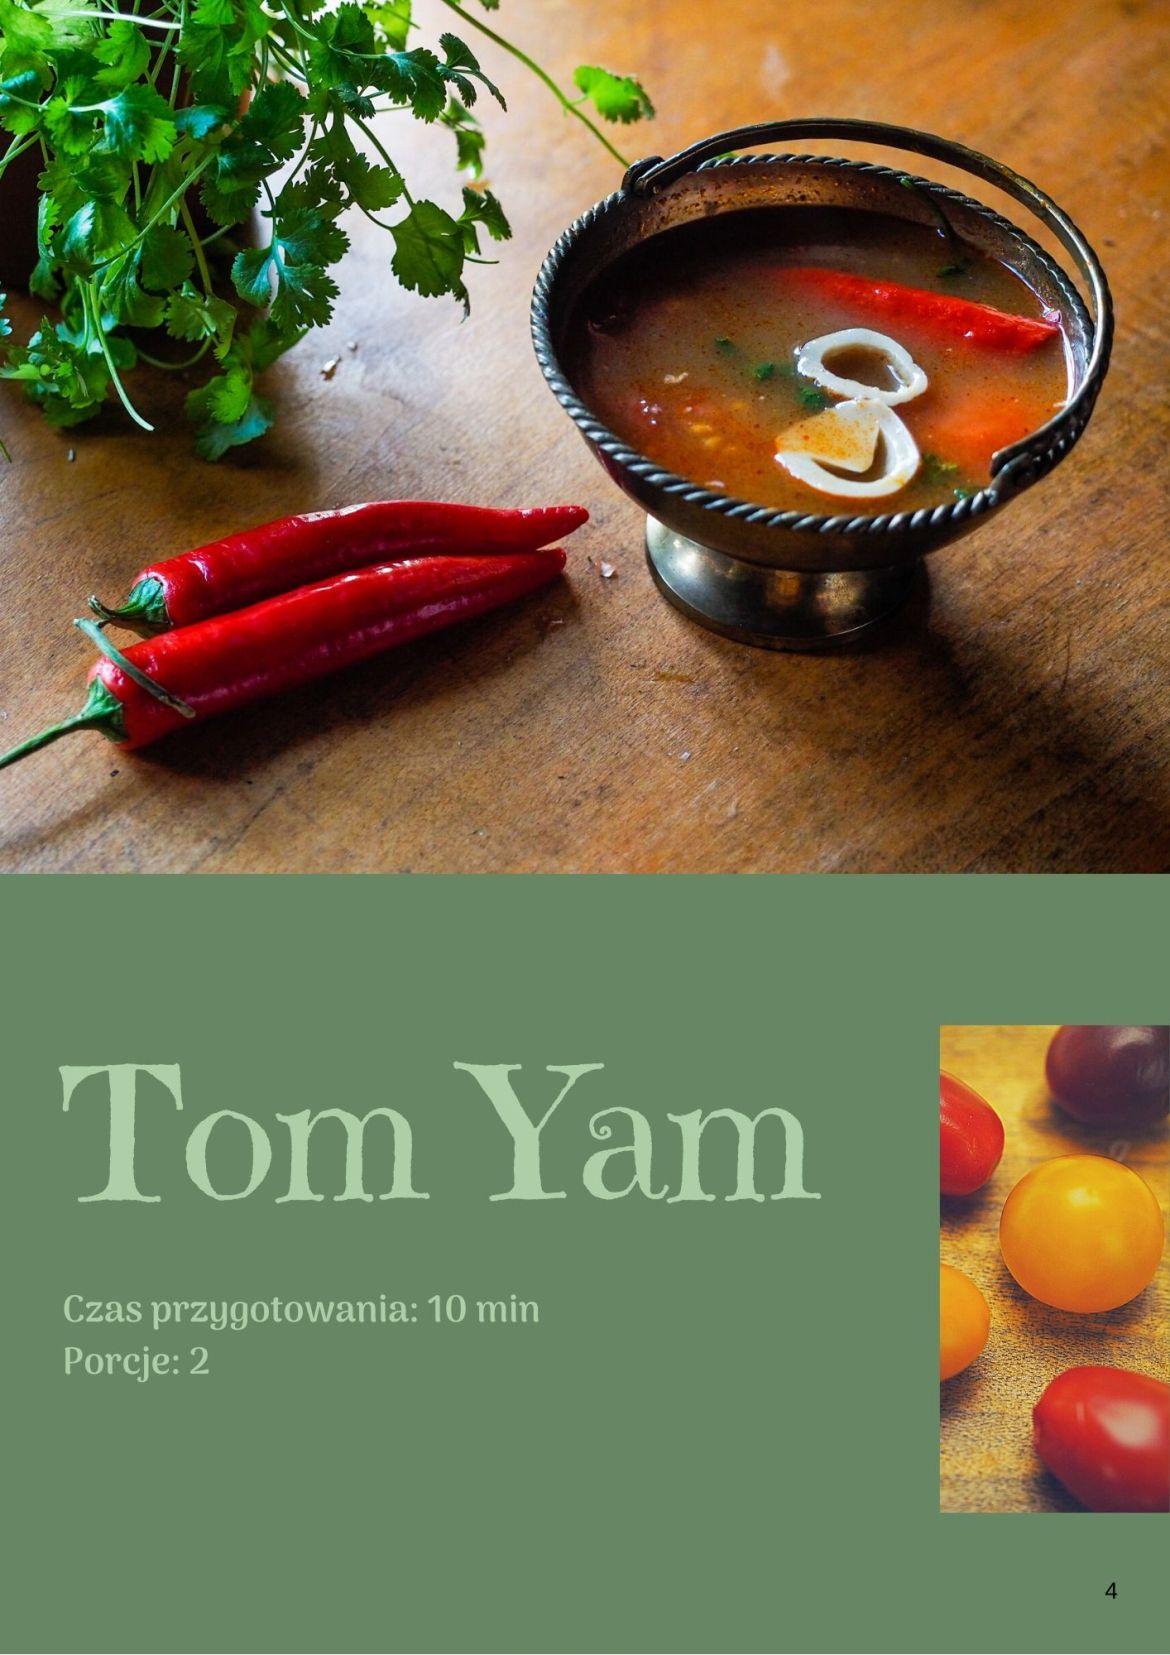 Tom Yam 1 - Tajska kuchnia w pigułce e-book